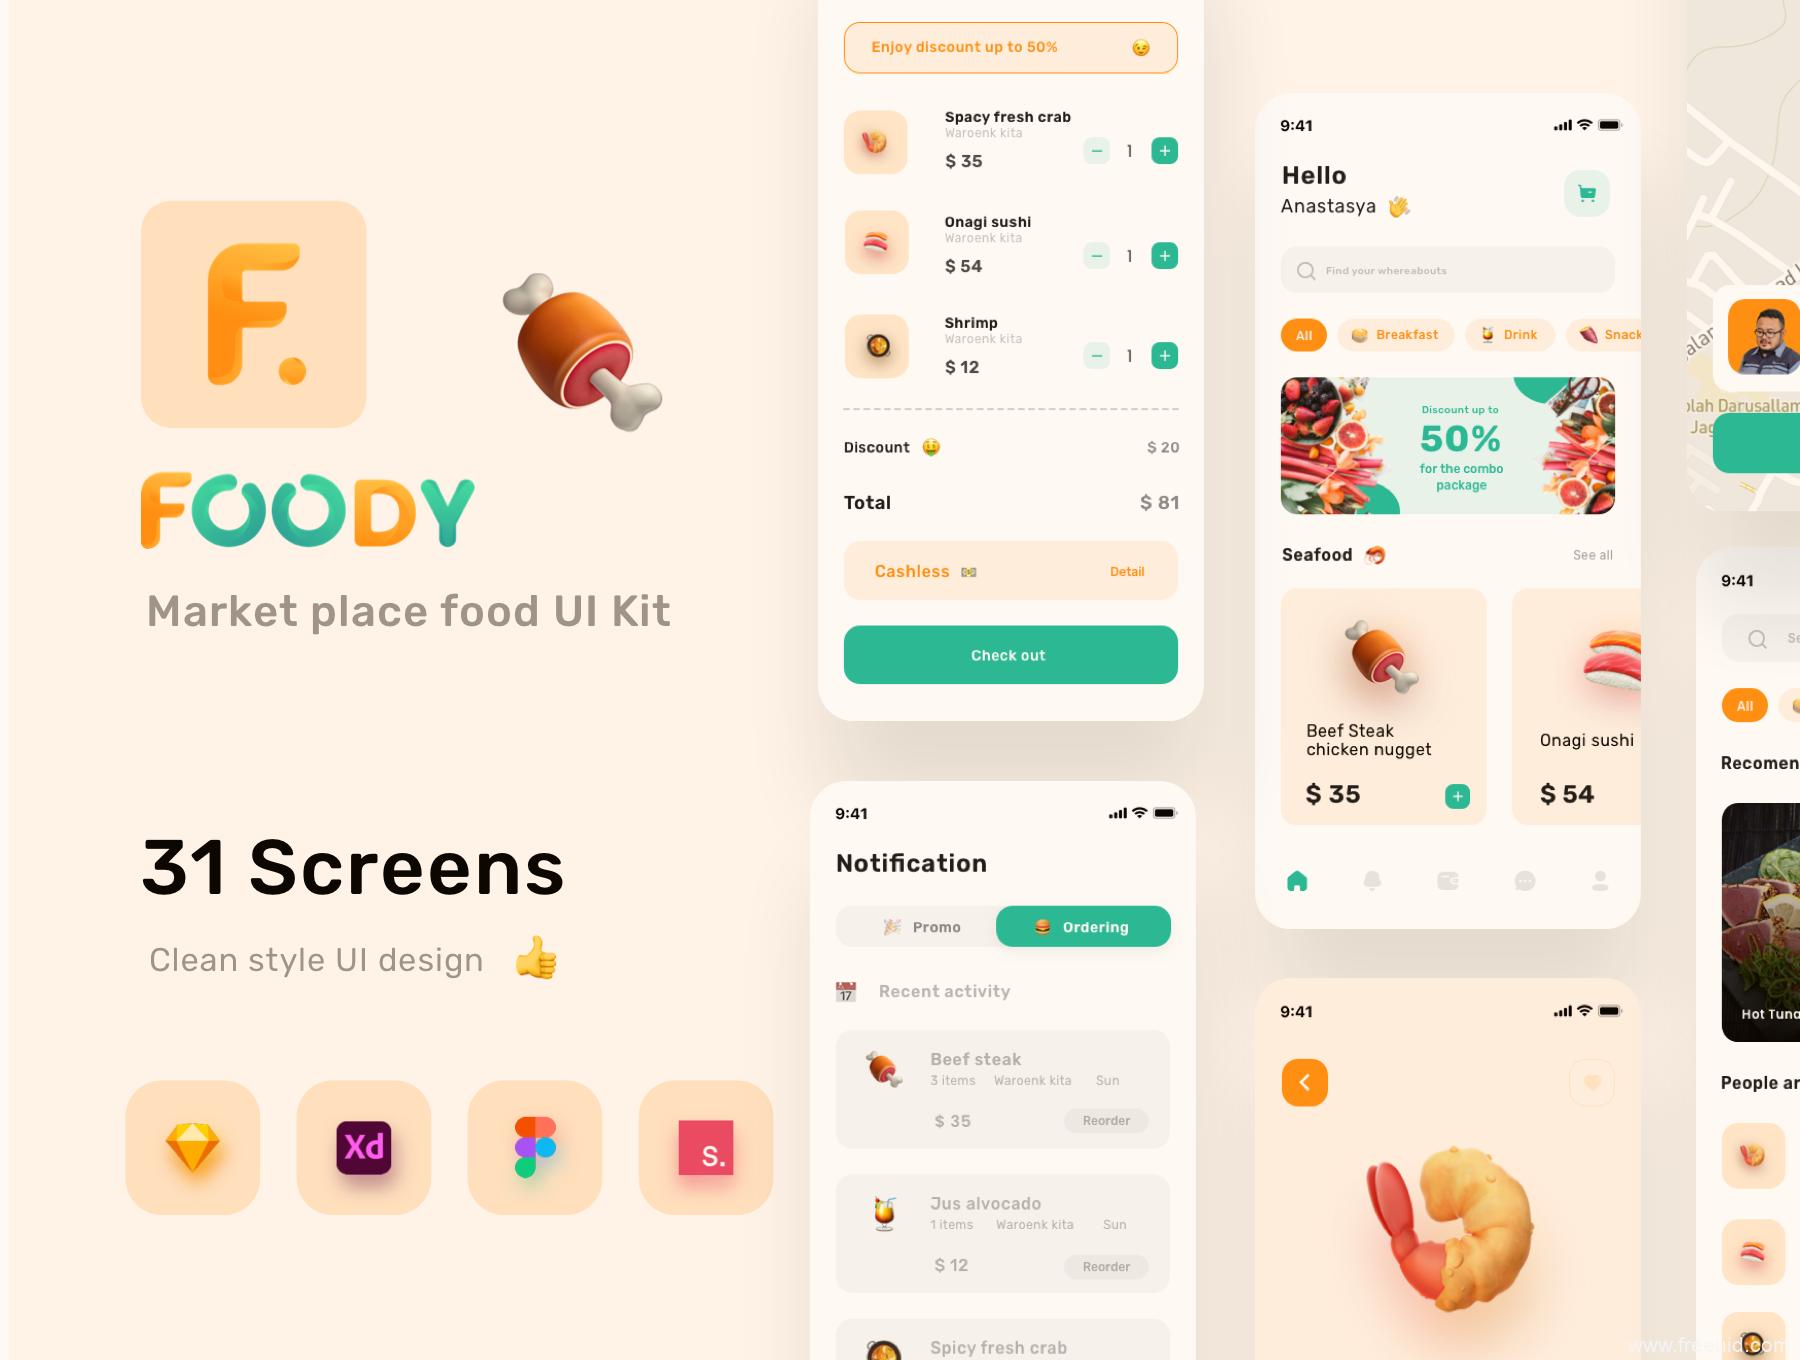 美食外卖app UI kit套装,美食外卖APP UI源文件下载,买菜APP UI资源下载,美食外卖UI素材下载